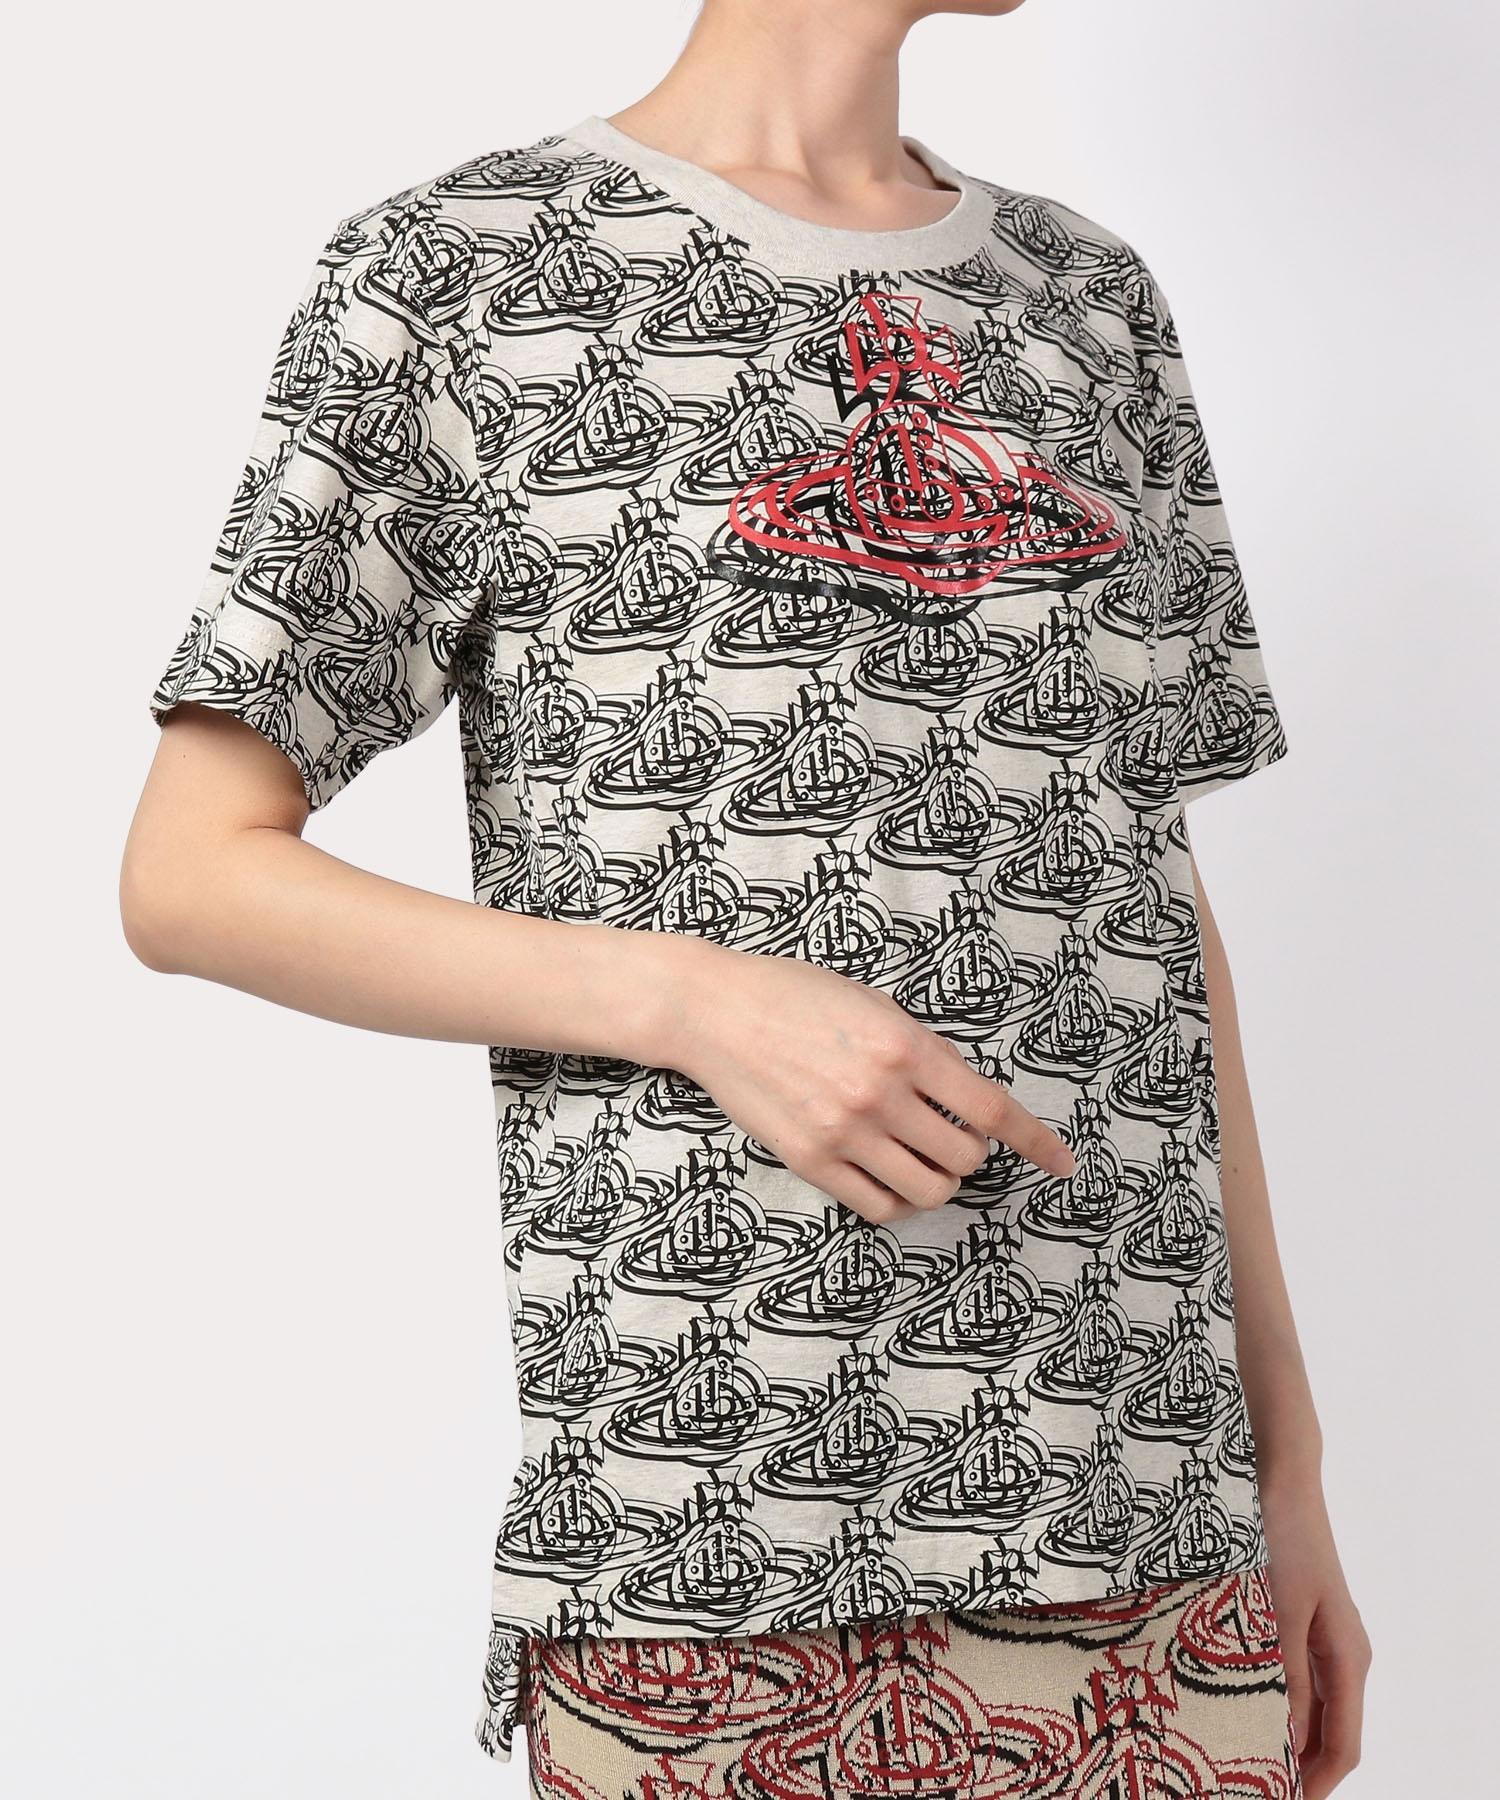 カプセルコレクション ORBリピート ボーイズTシャツ